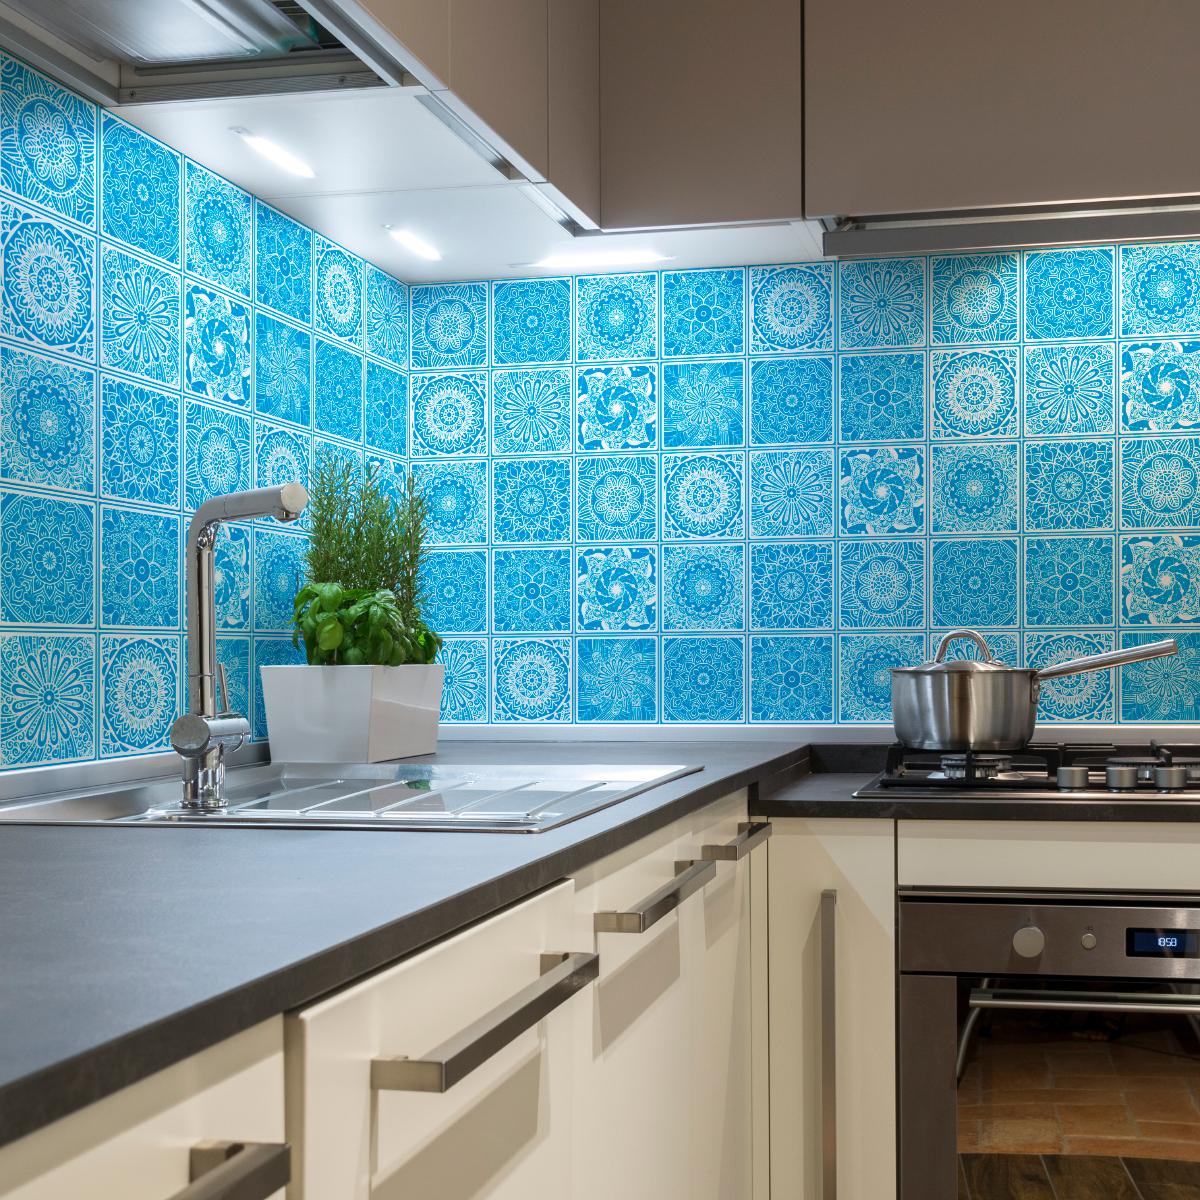 30 stickers carreaux de ciment ethnique kaliska cuisine carrelages ambiance sticker. Black Bedroom Furniture Sets. Home Design Ideas